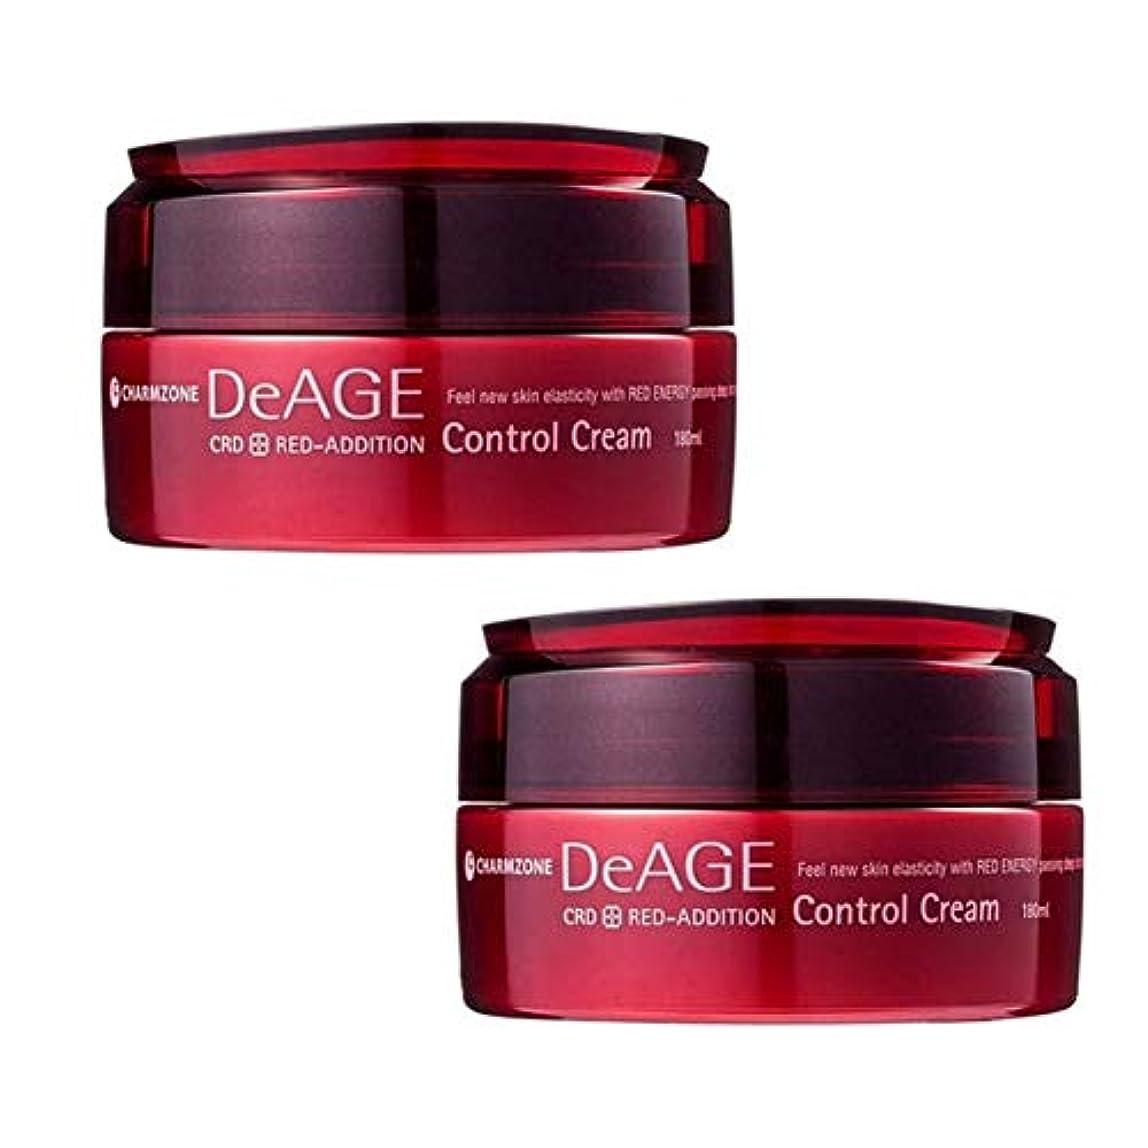 復活領収書コンバーチブルチャムジョンディエイジレッドエディションコントロールクリーム180ml x 2本セットマッサージクリーム、Charmzone DeAGE Red-Addition Control Cream 180ml x 2ea Set...